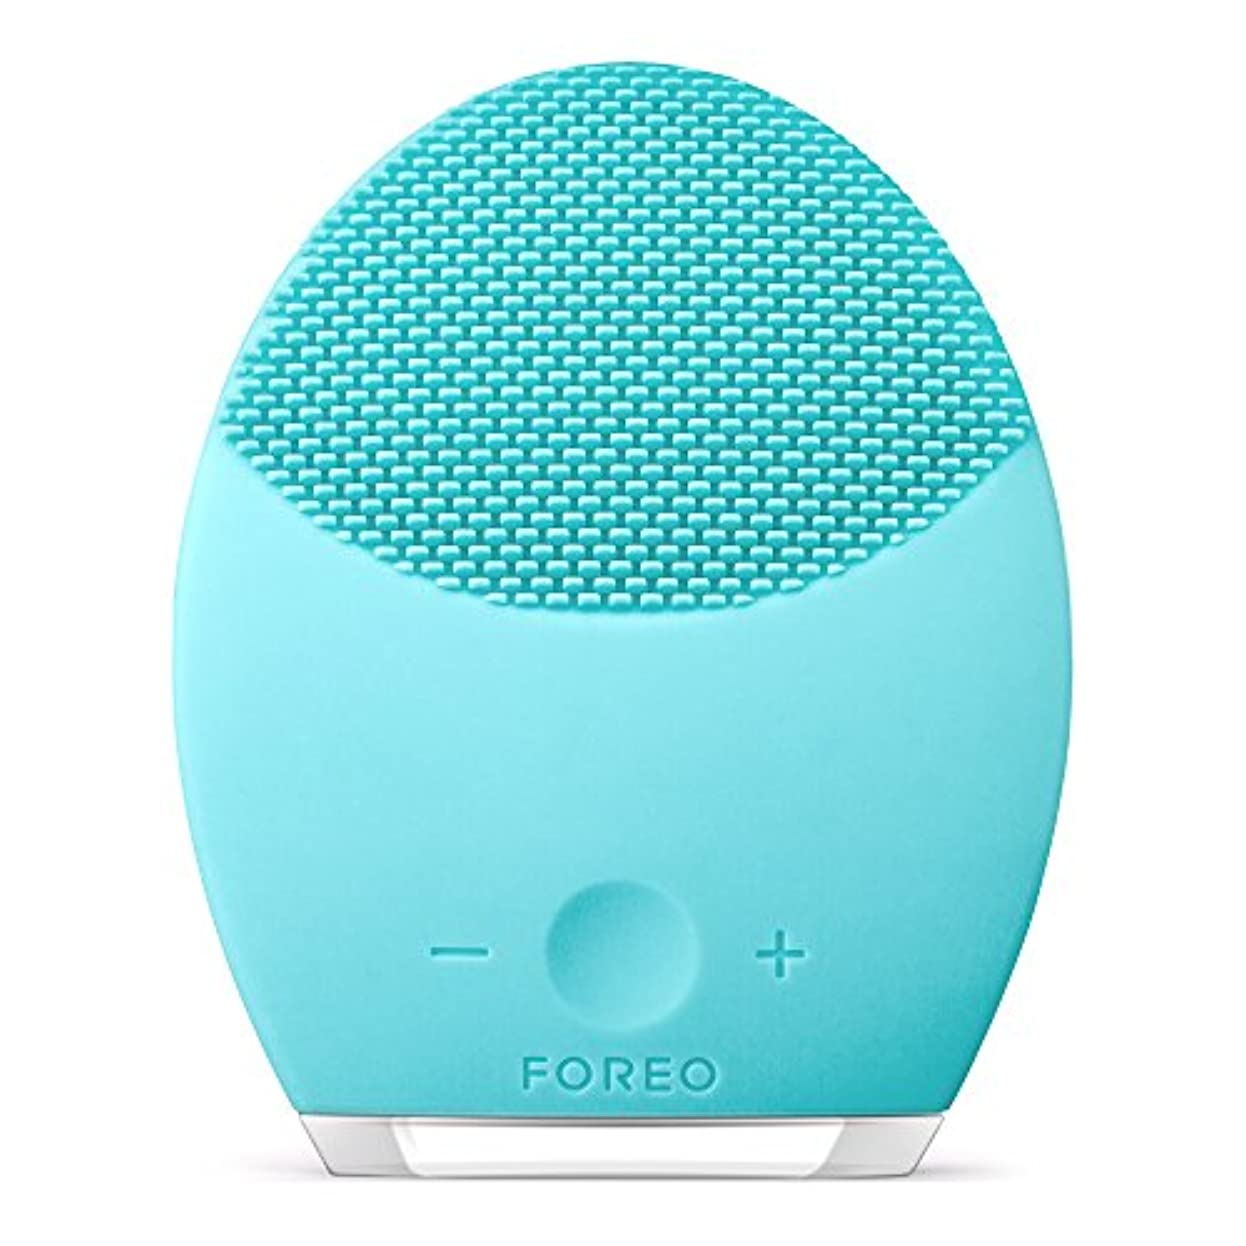 分配します水っぽいラメFOREO LUNA 2 for オイリースキン 電動洗顔ブラシ シリコーン製 音波振動